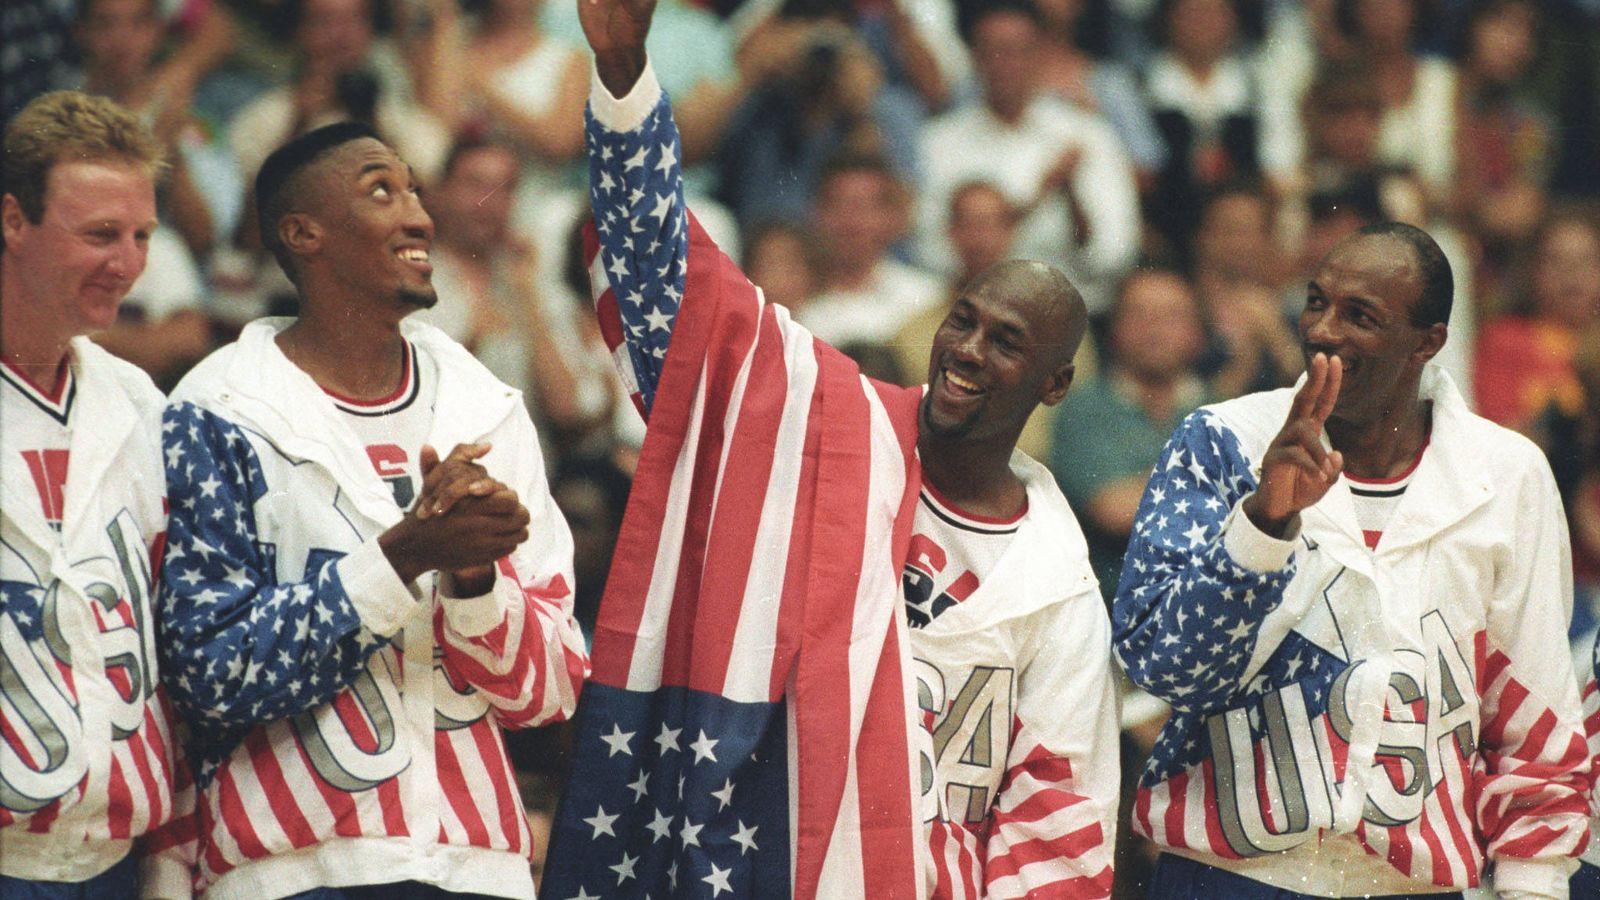 Foto: De izquierda a derecha, Larry Bird, Scottie Pippen, Michael Jordan y Clyde Drexler durante la ceremonia de entrega de medallas en Barcelona 1992. (Reuters)